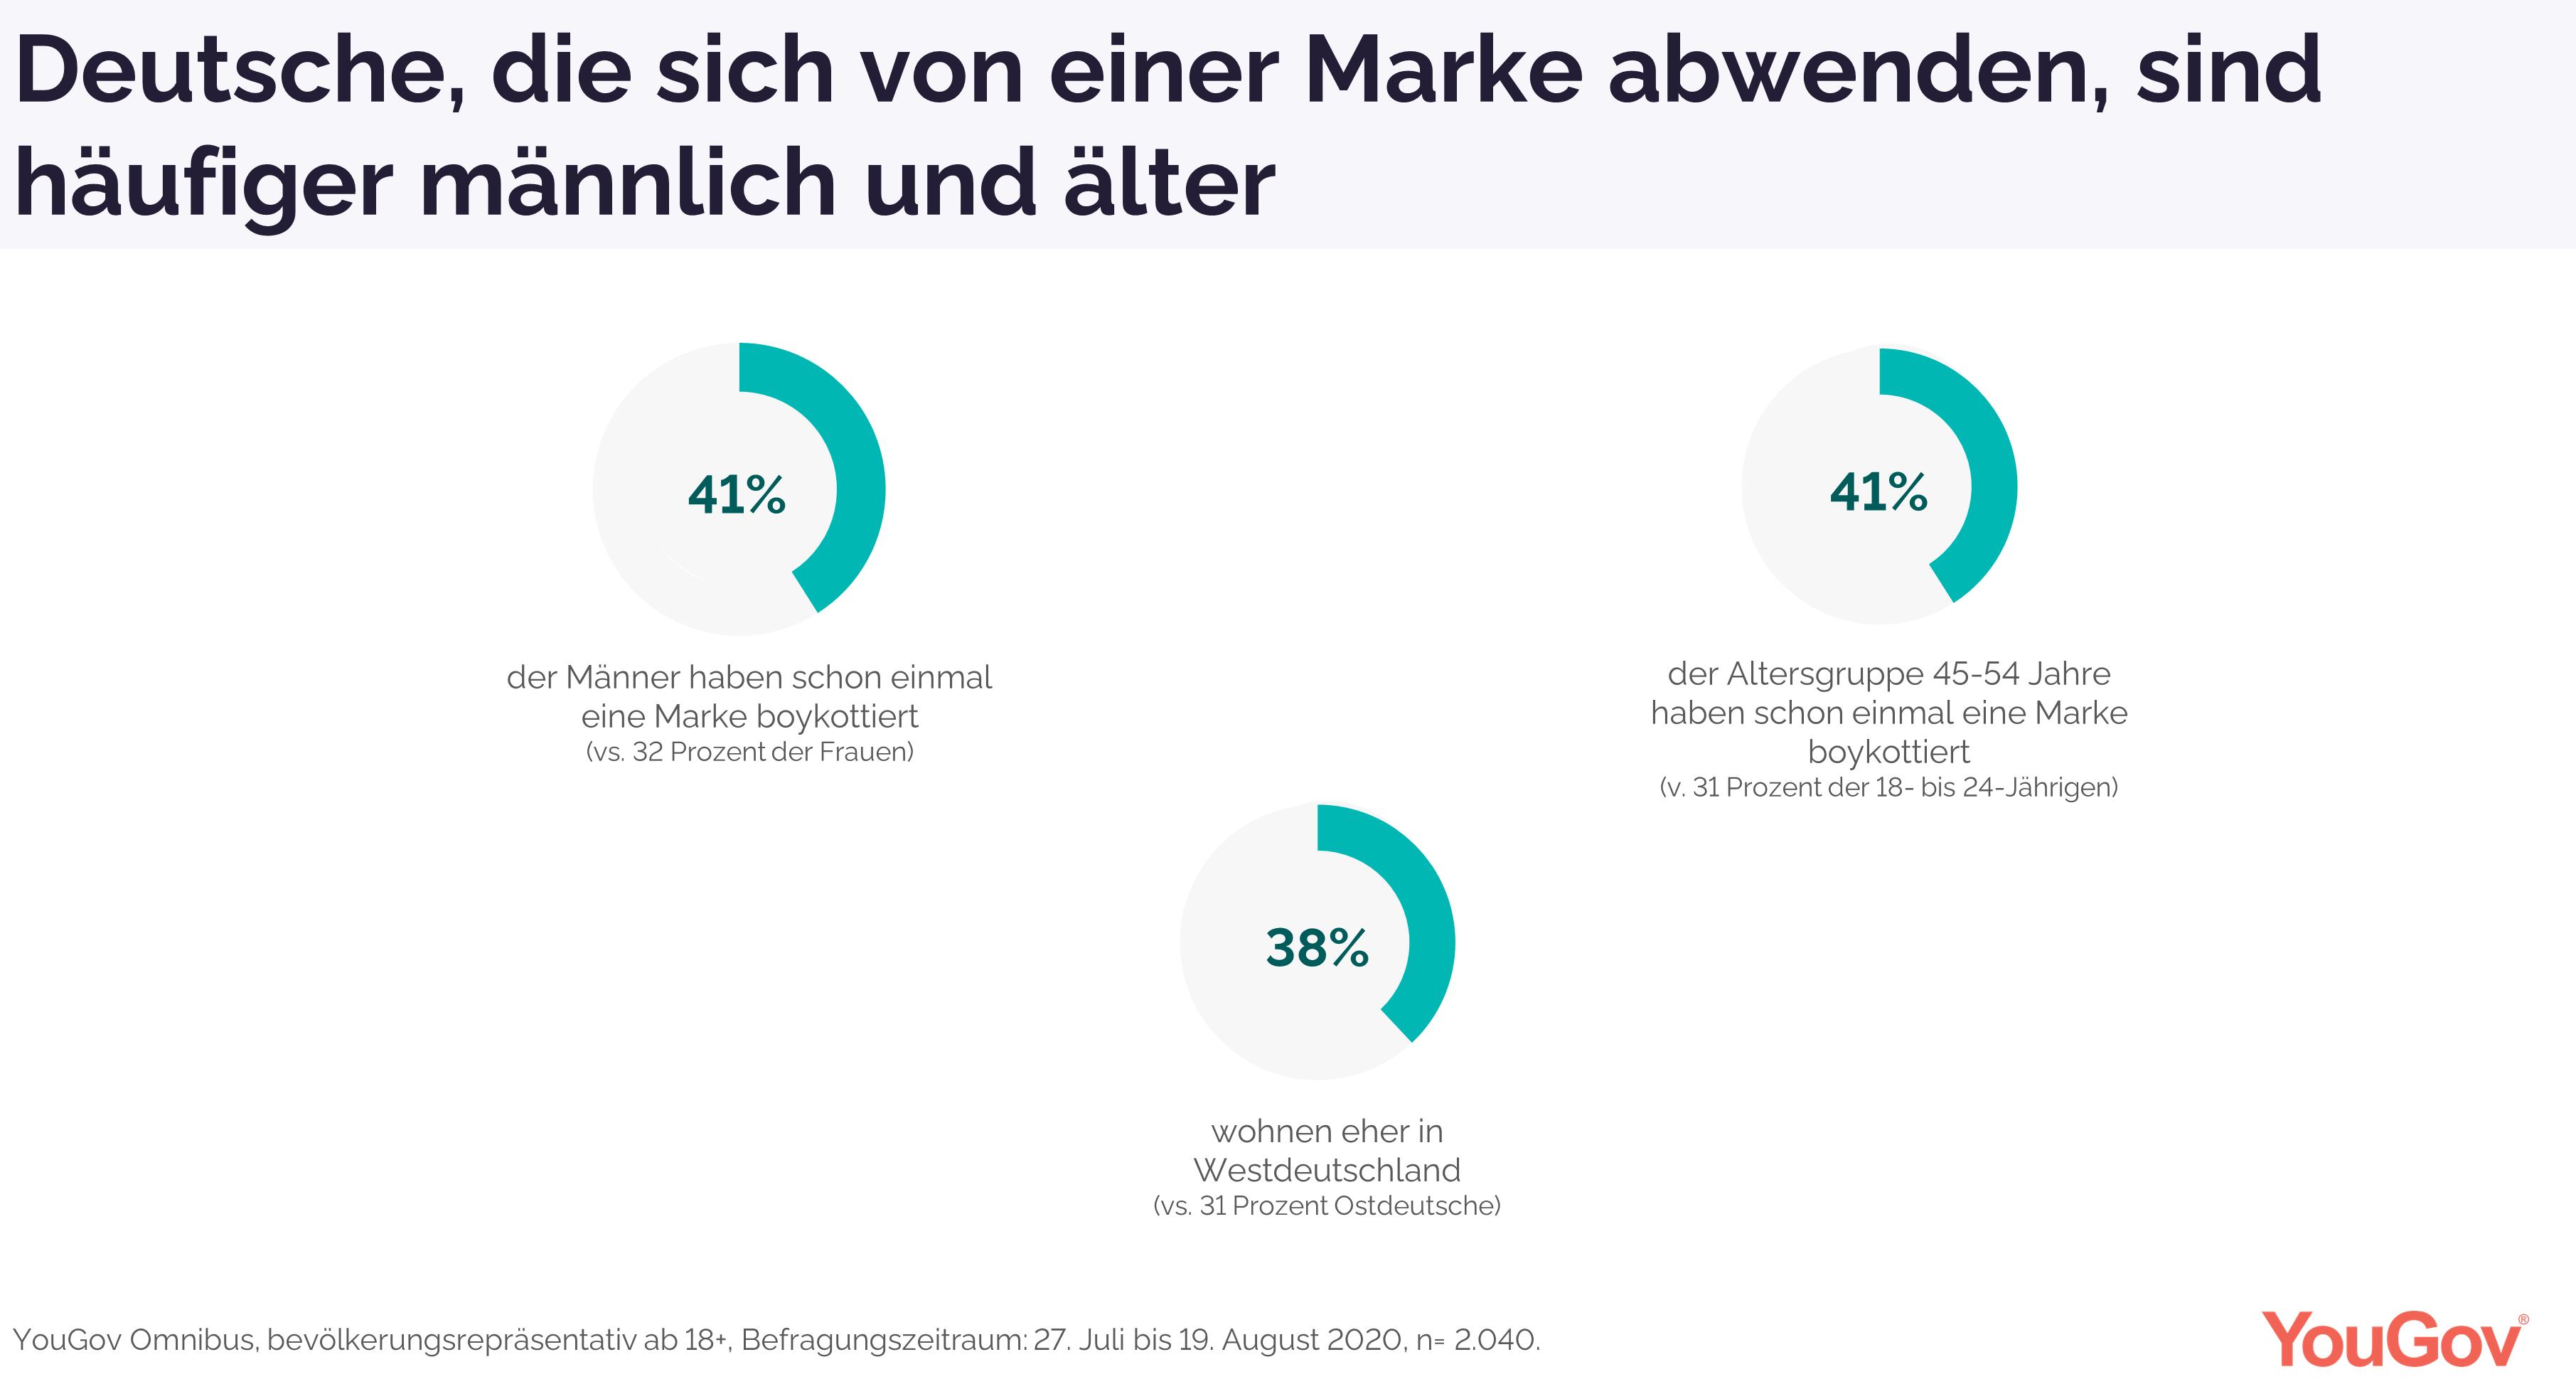 Profil eines deutschen Marken-Boykottierers